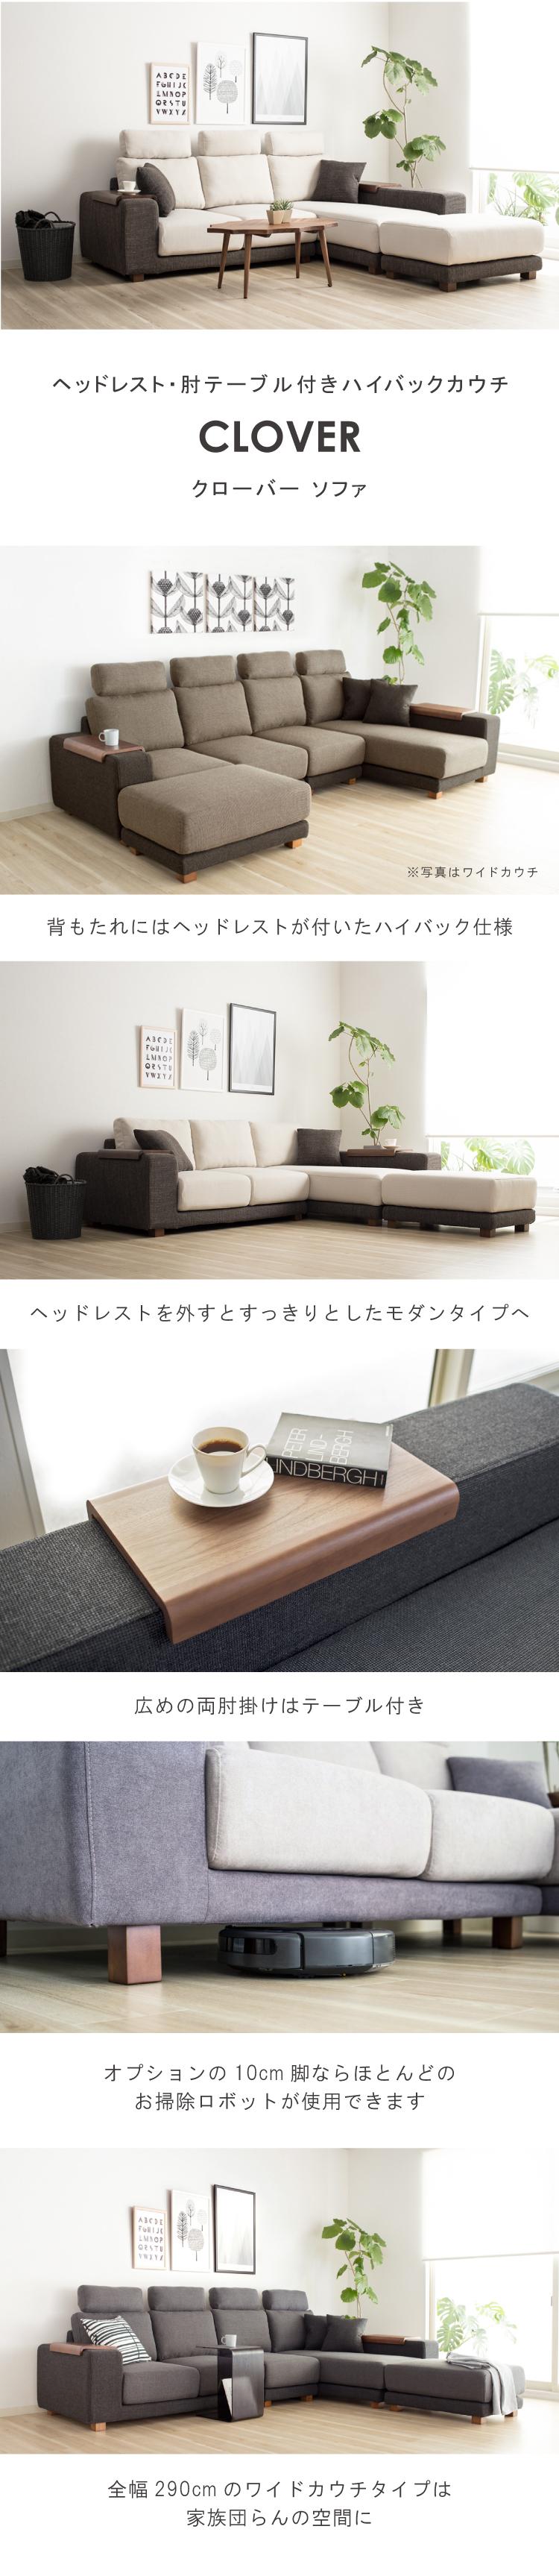 クローバーL字型カウチソファセット